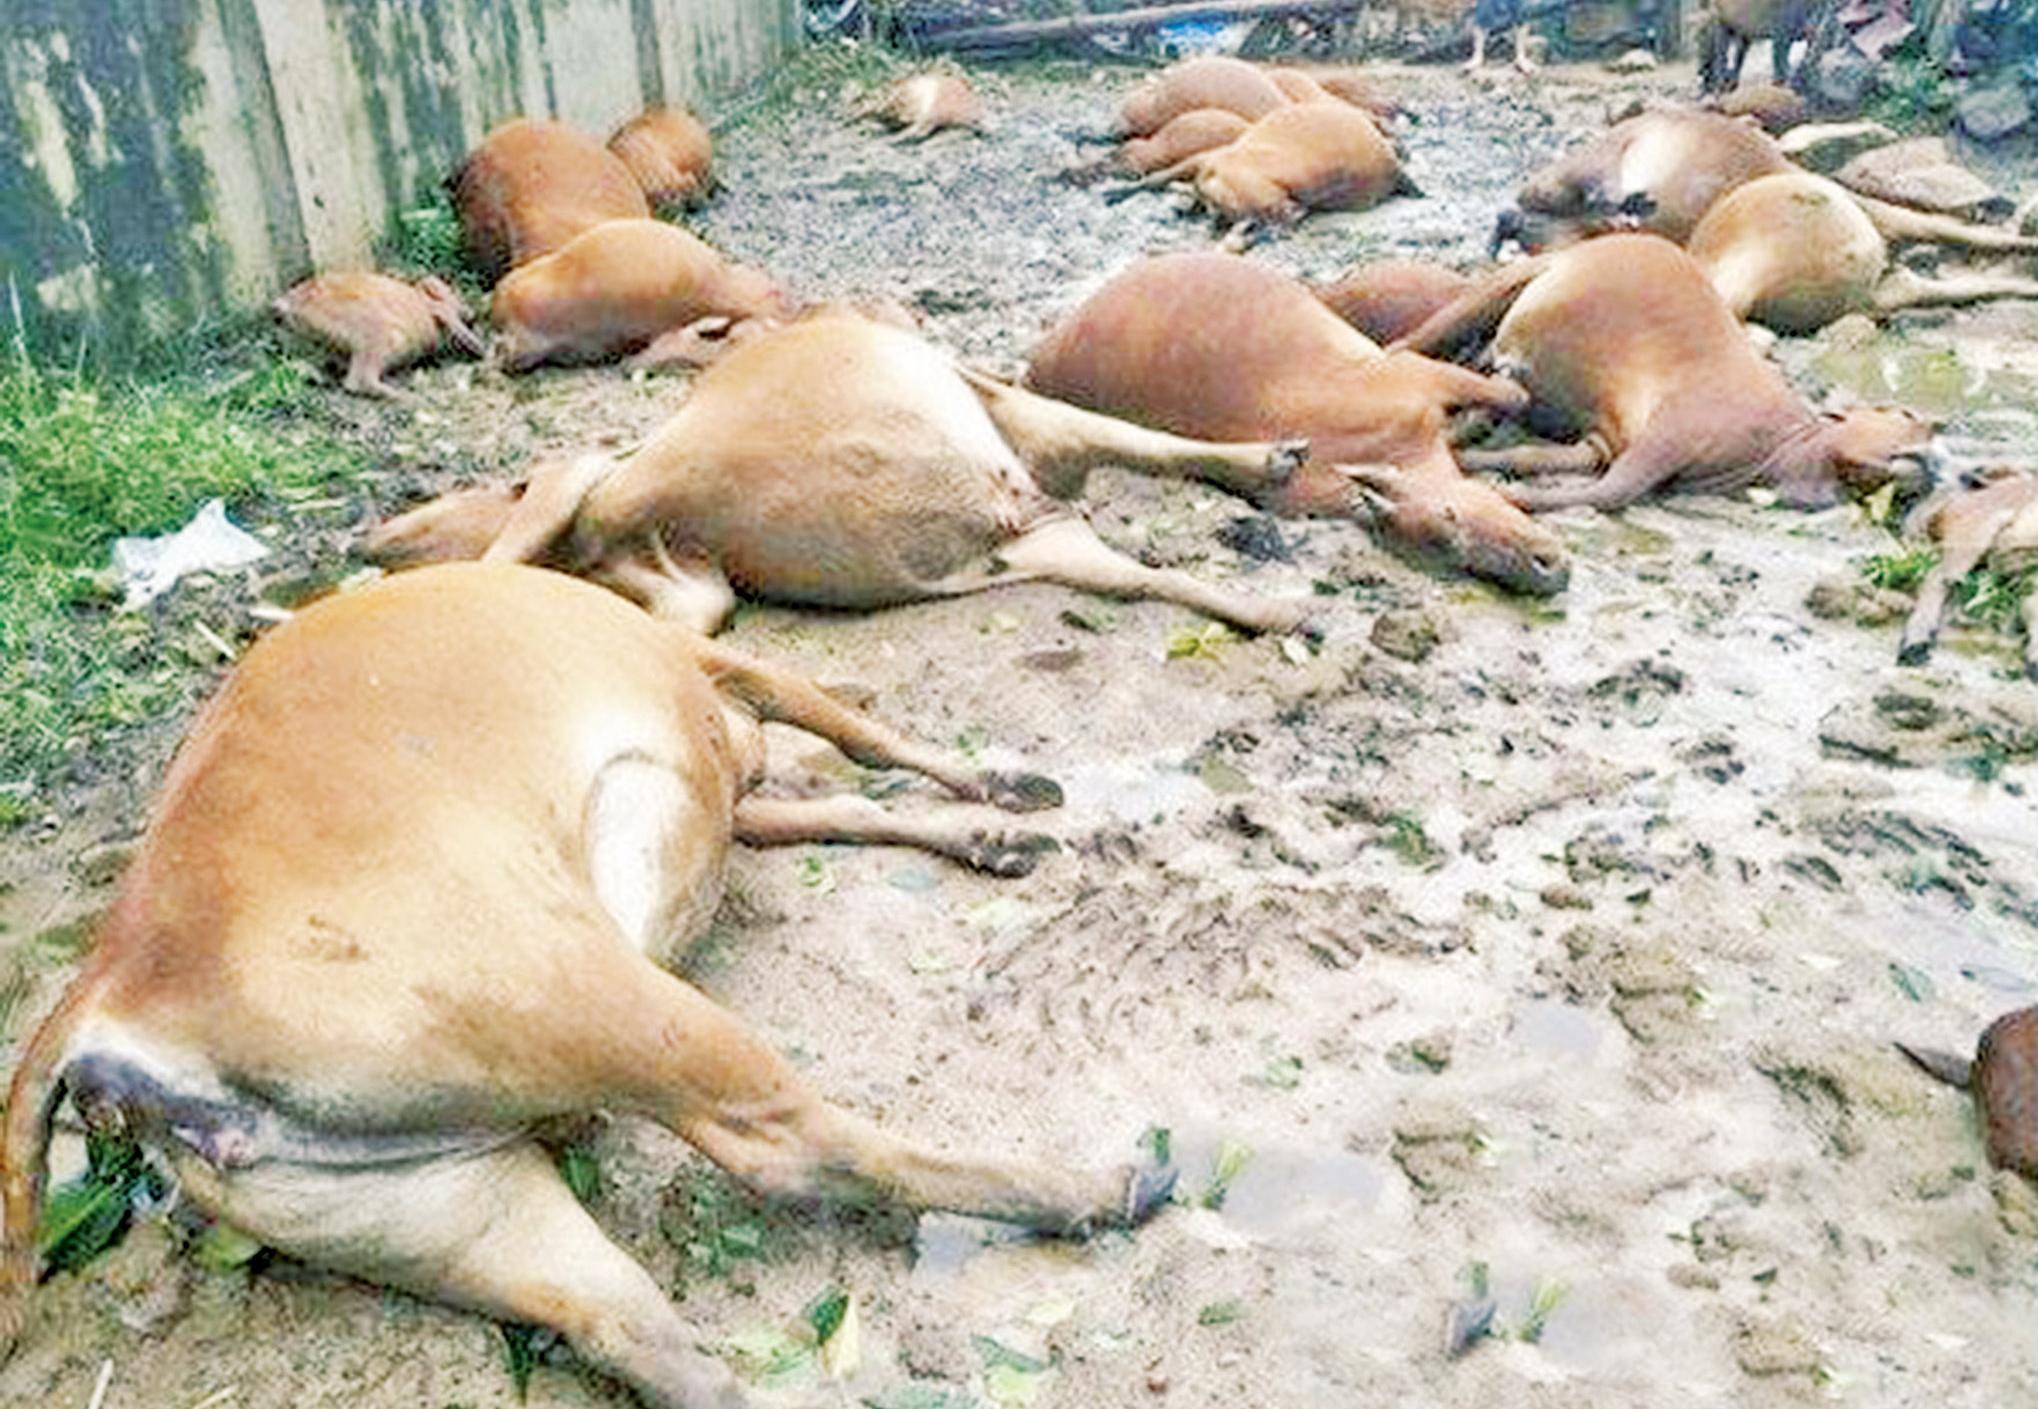 農戶31頭牛被電死